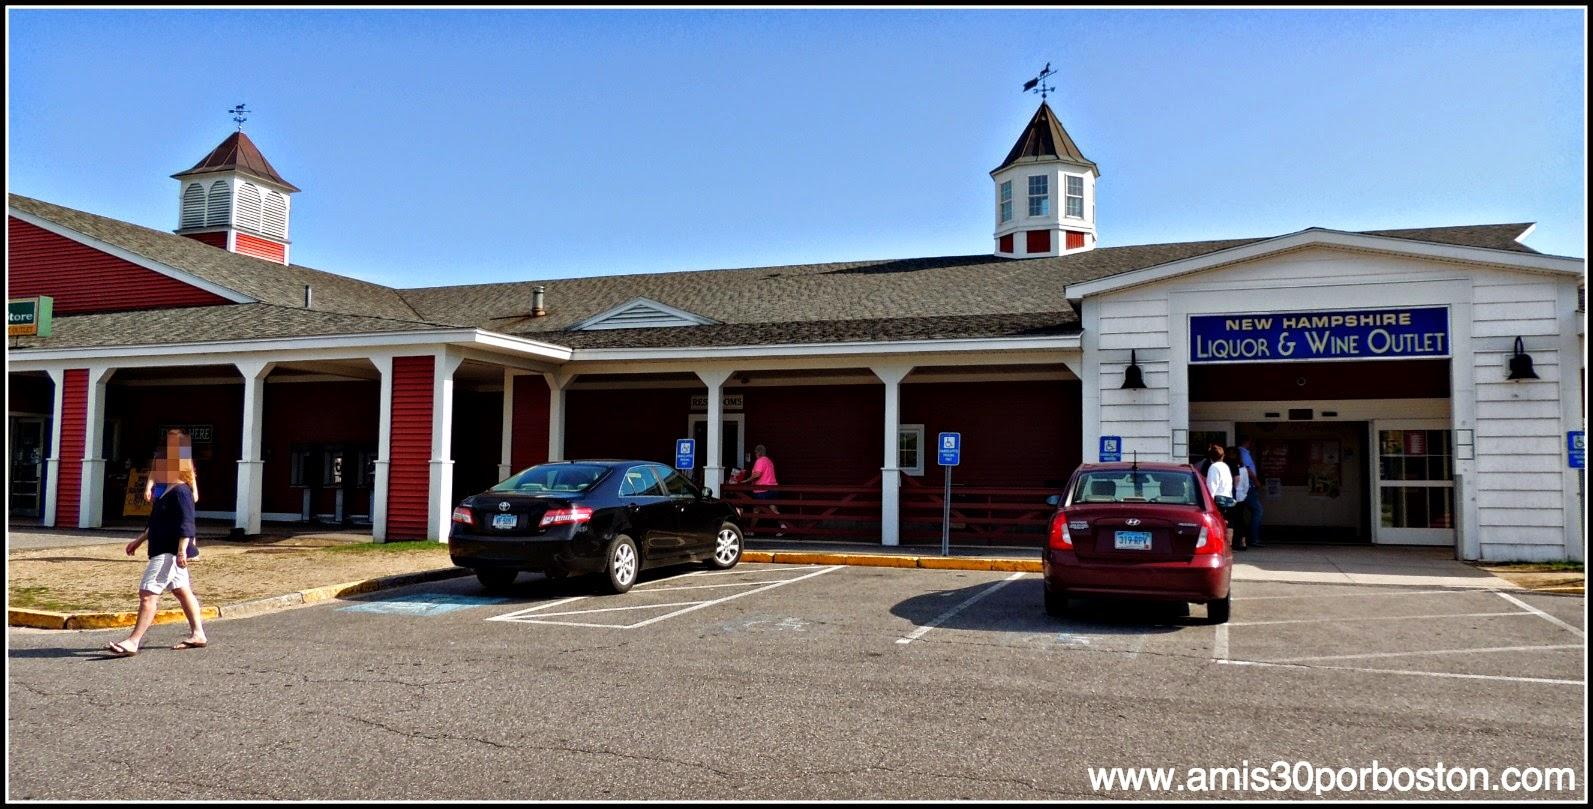 Liquor & Wine Outlets de New Hampshire